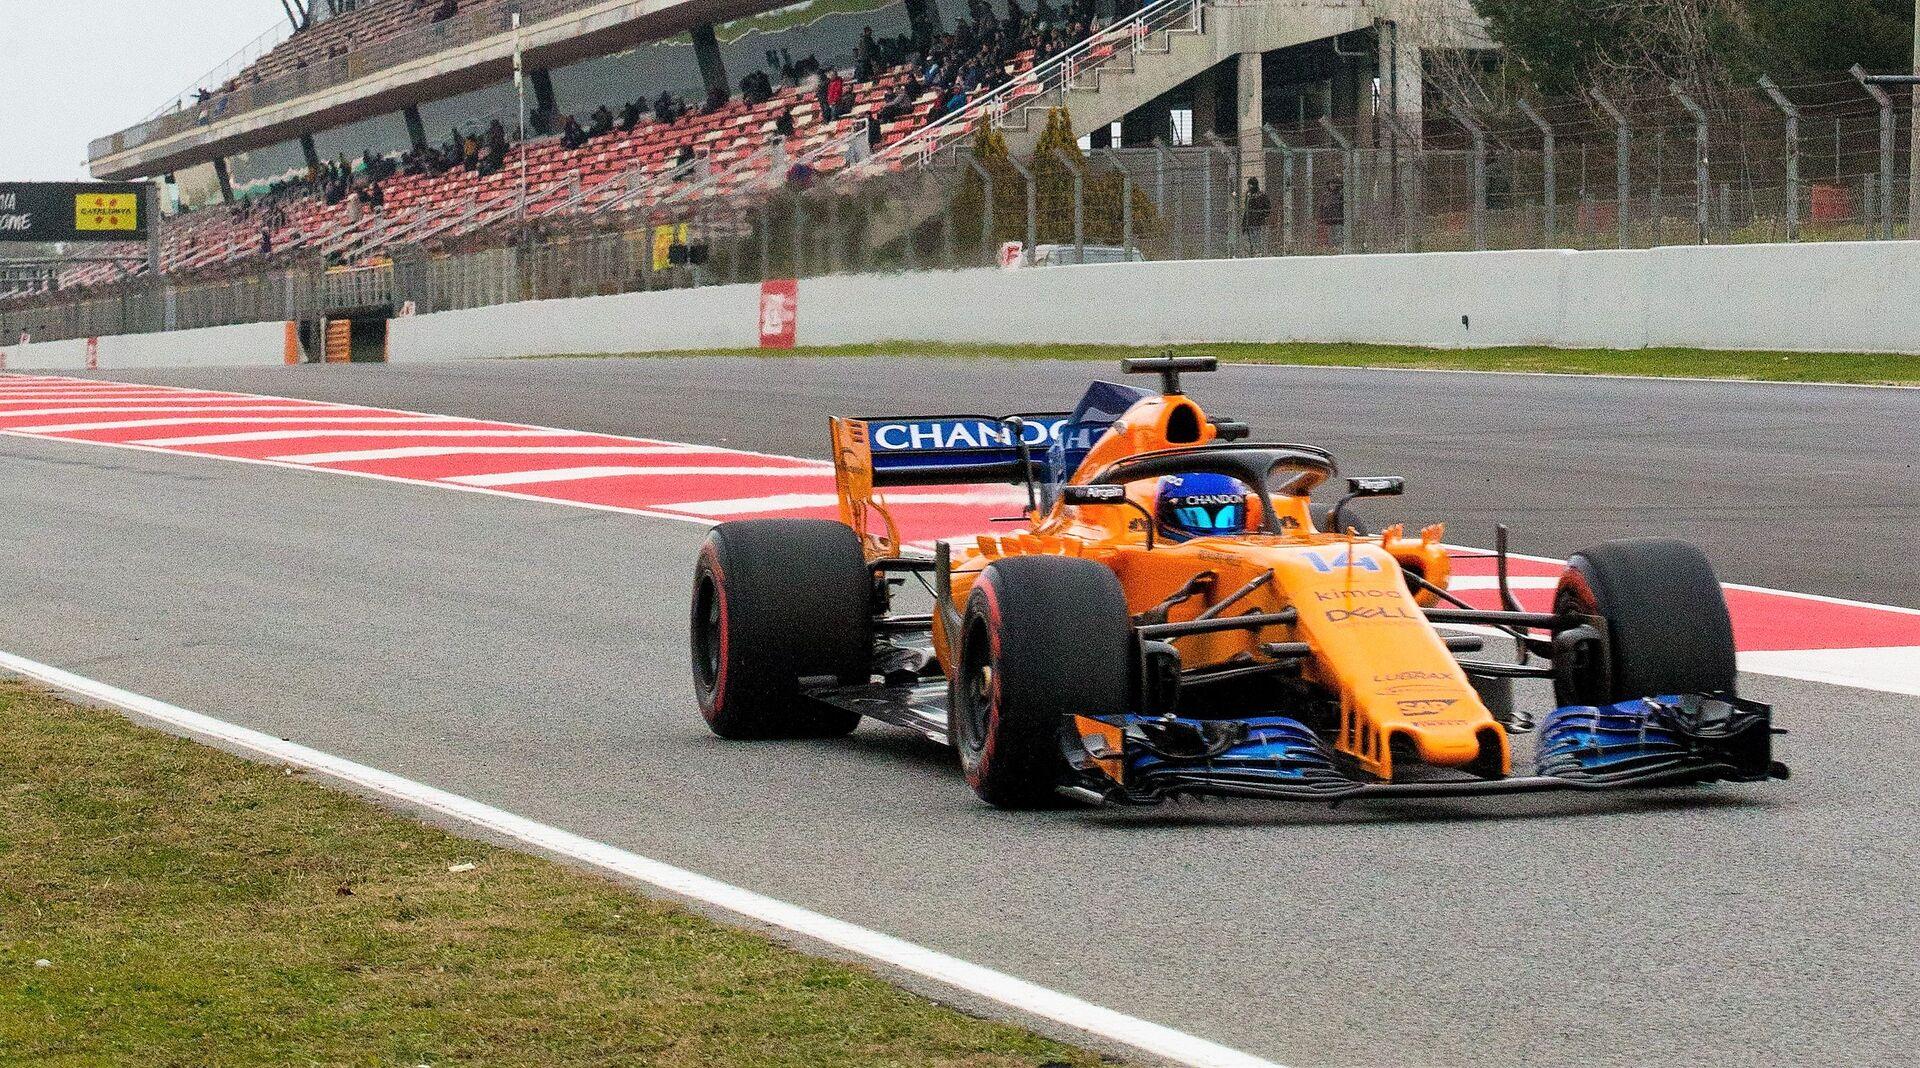 Circuito Fernando Alonso : Alonso se redime marcando el mejor tiempo de la sesión de tarde en